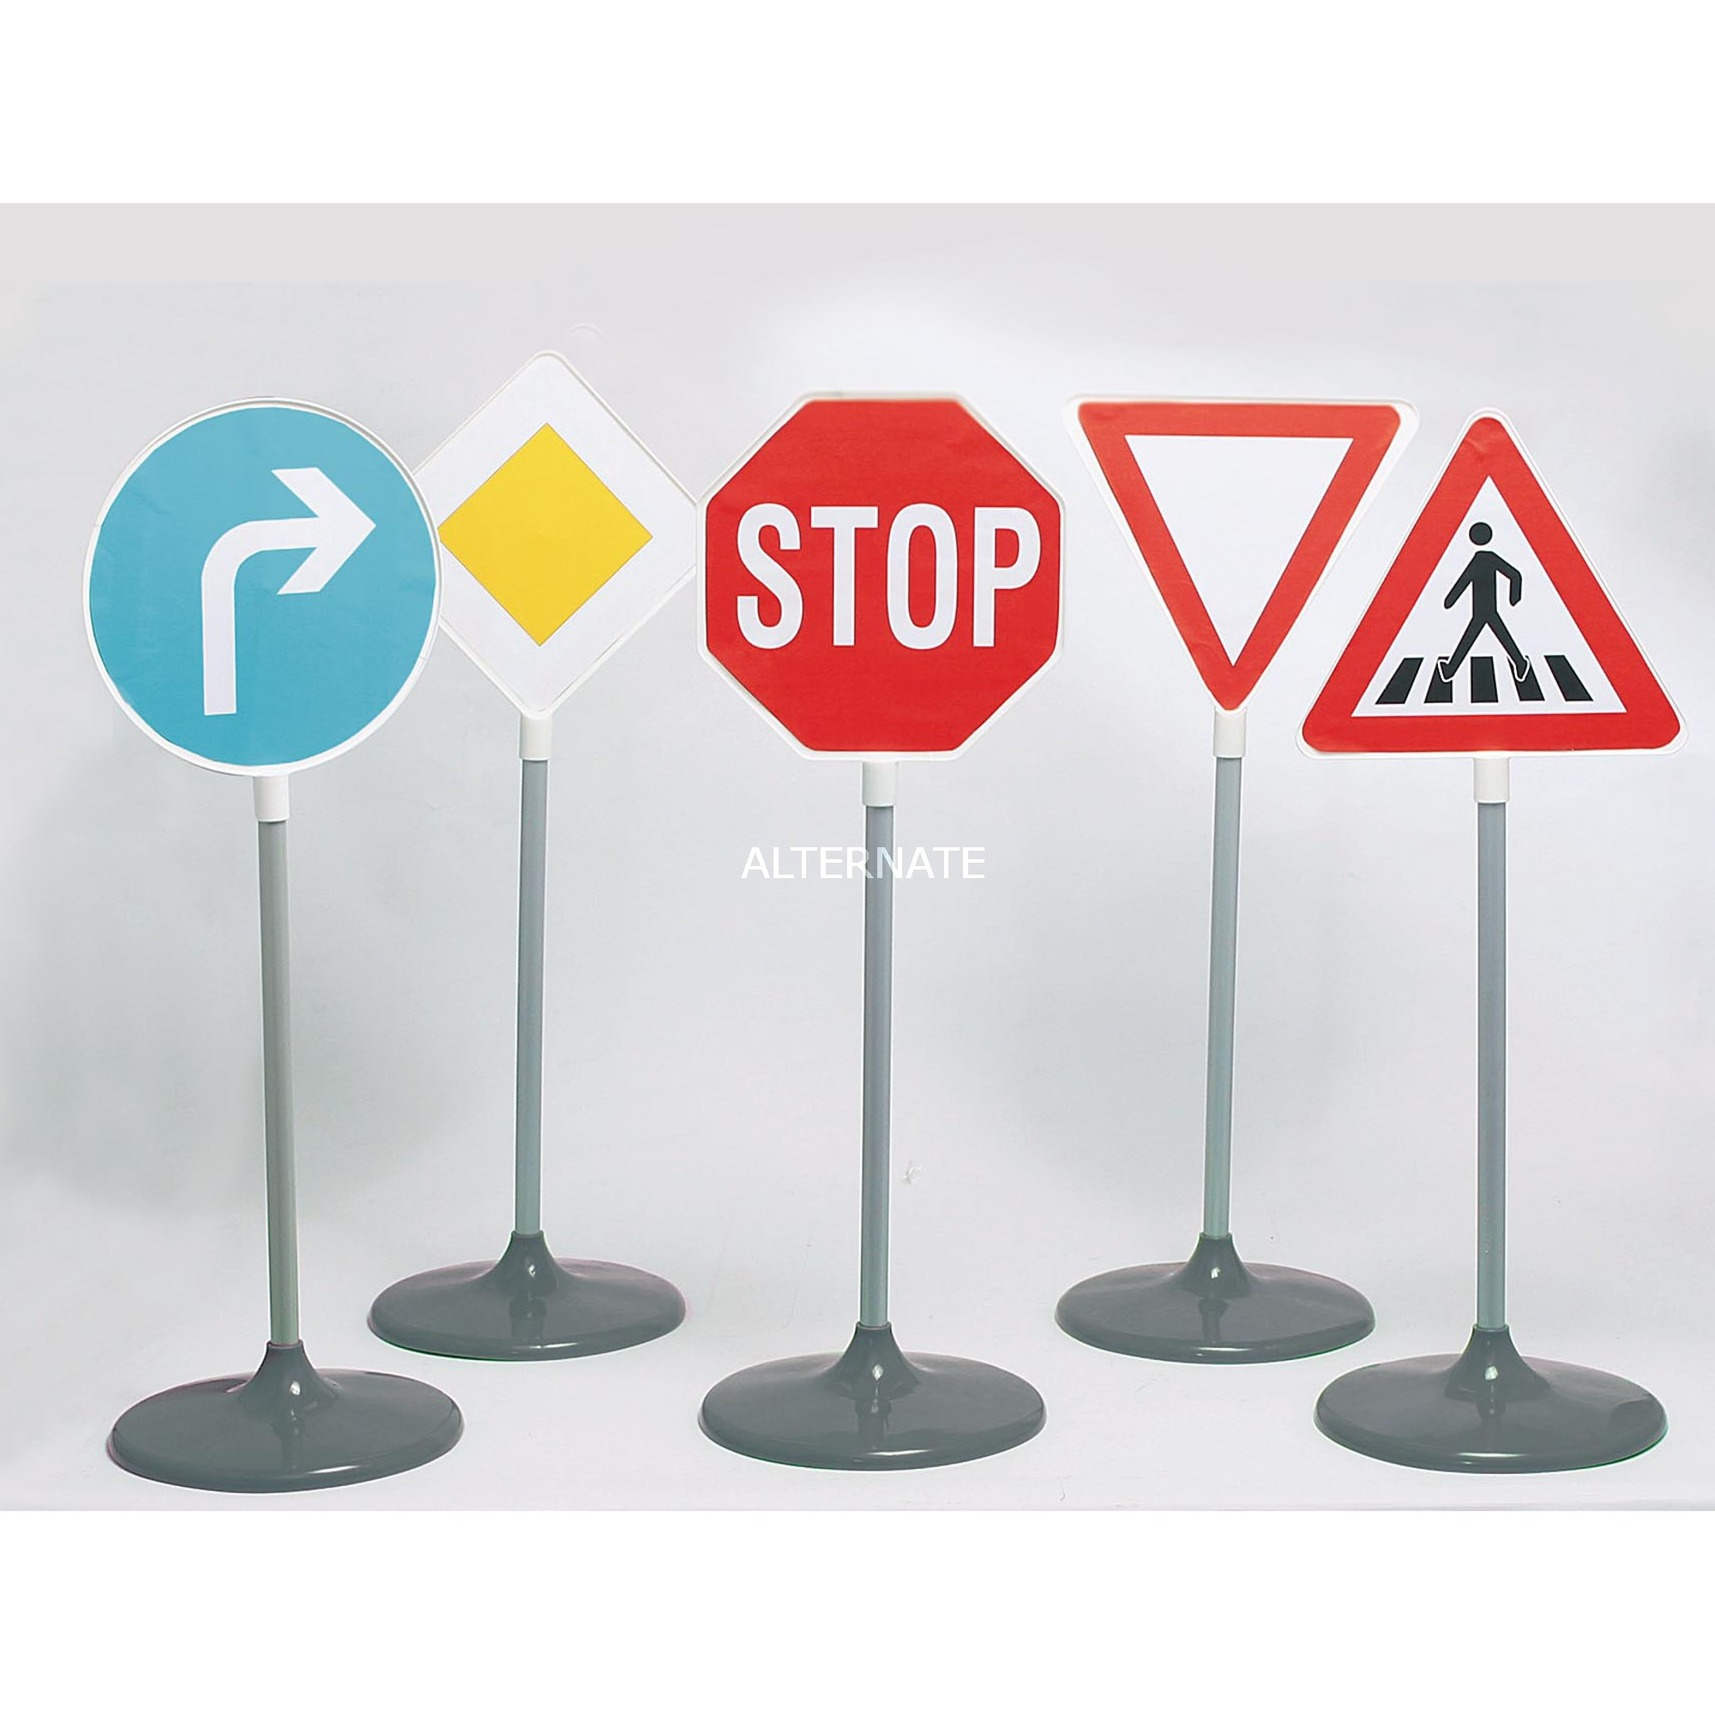 Initiation Sécurité Routière - 5 Panneaux de Signalisation, Set A, Jeux de jardin